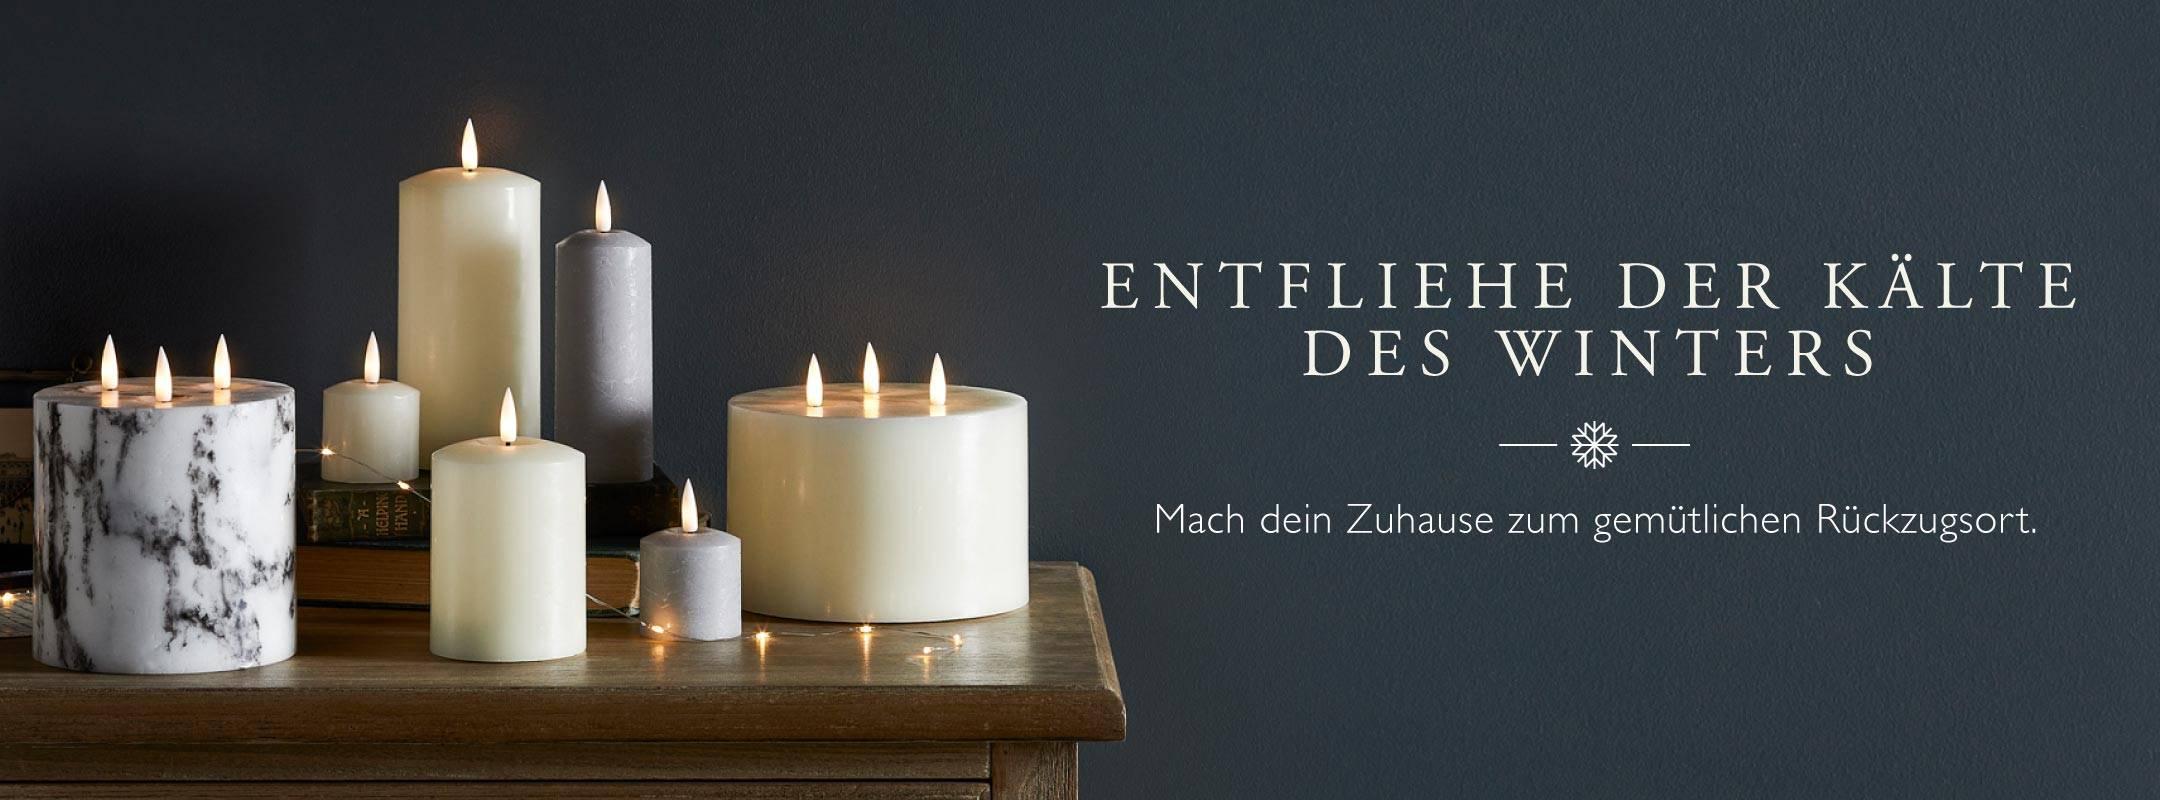 Verschiedene TruGlow LED Kerzen in Elfenbein und Grau arrangiert auf einem Holztisch